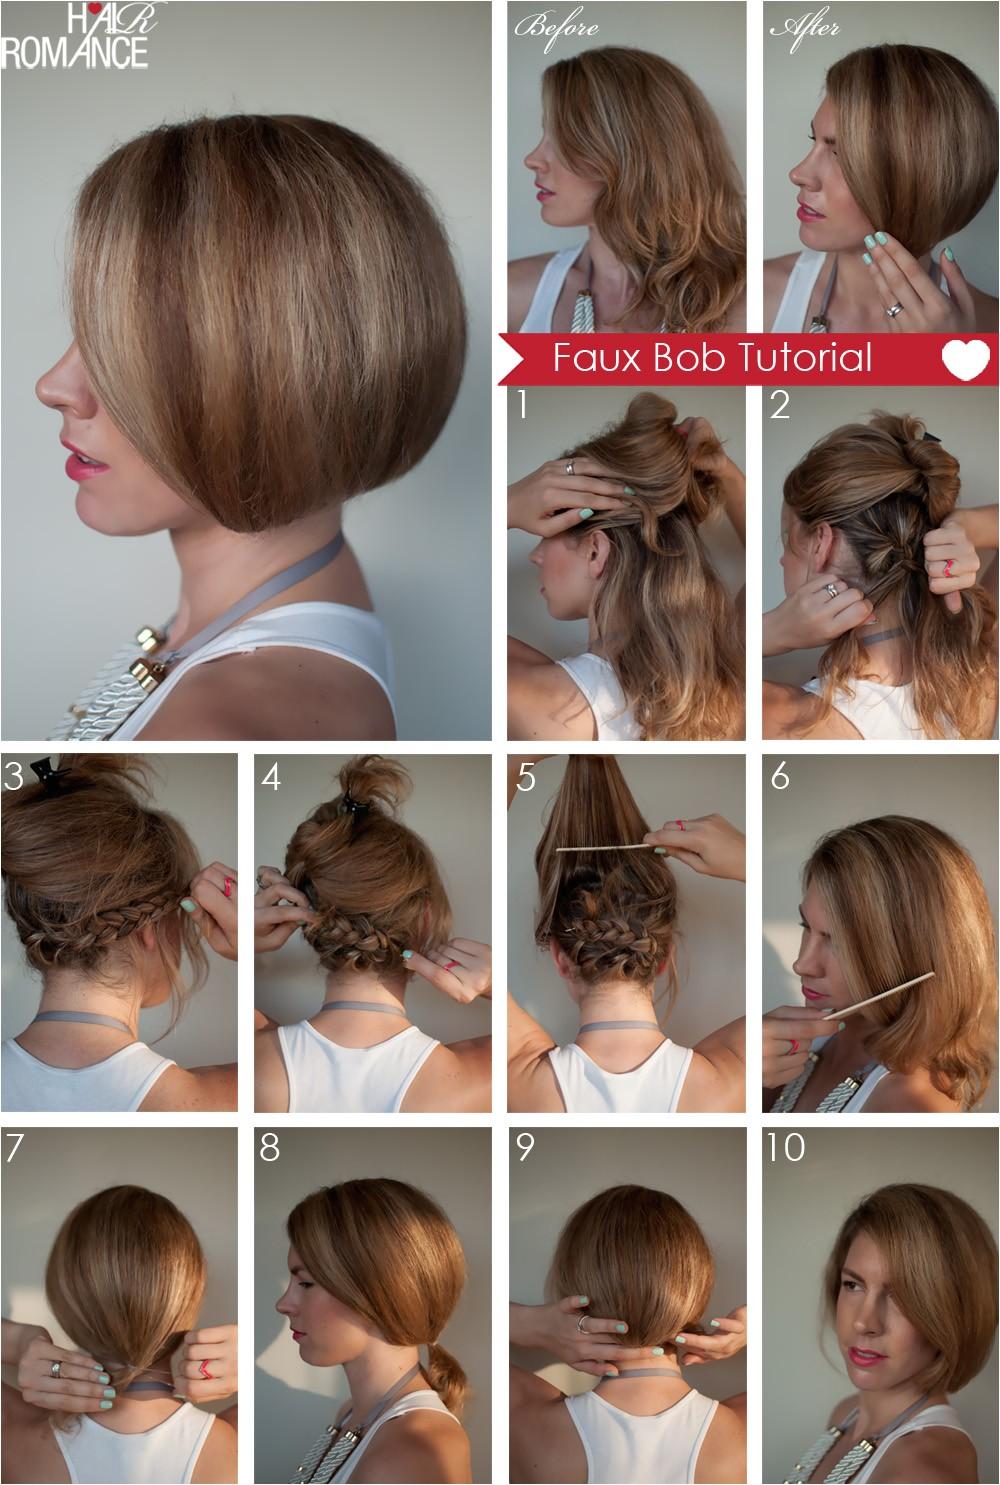 How to Cut A Long Bob Haircut Yourself Hair Tutorial How to Create A Faux Bob Hair Romance